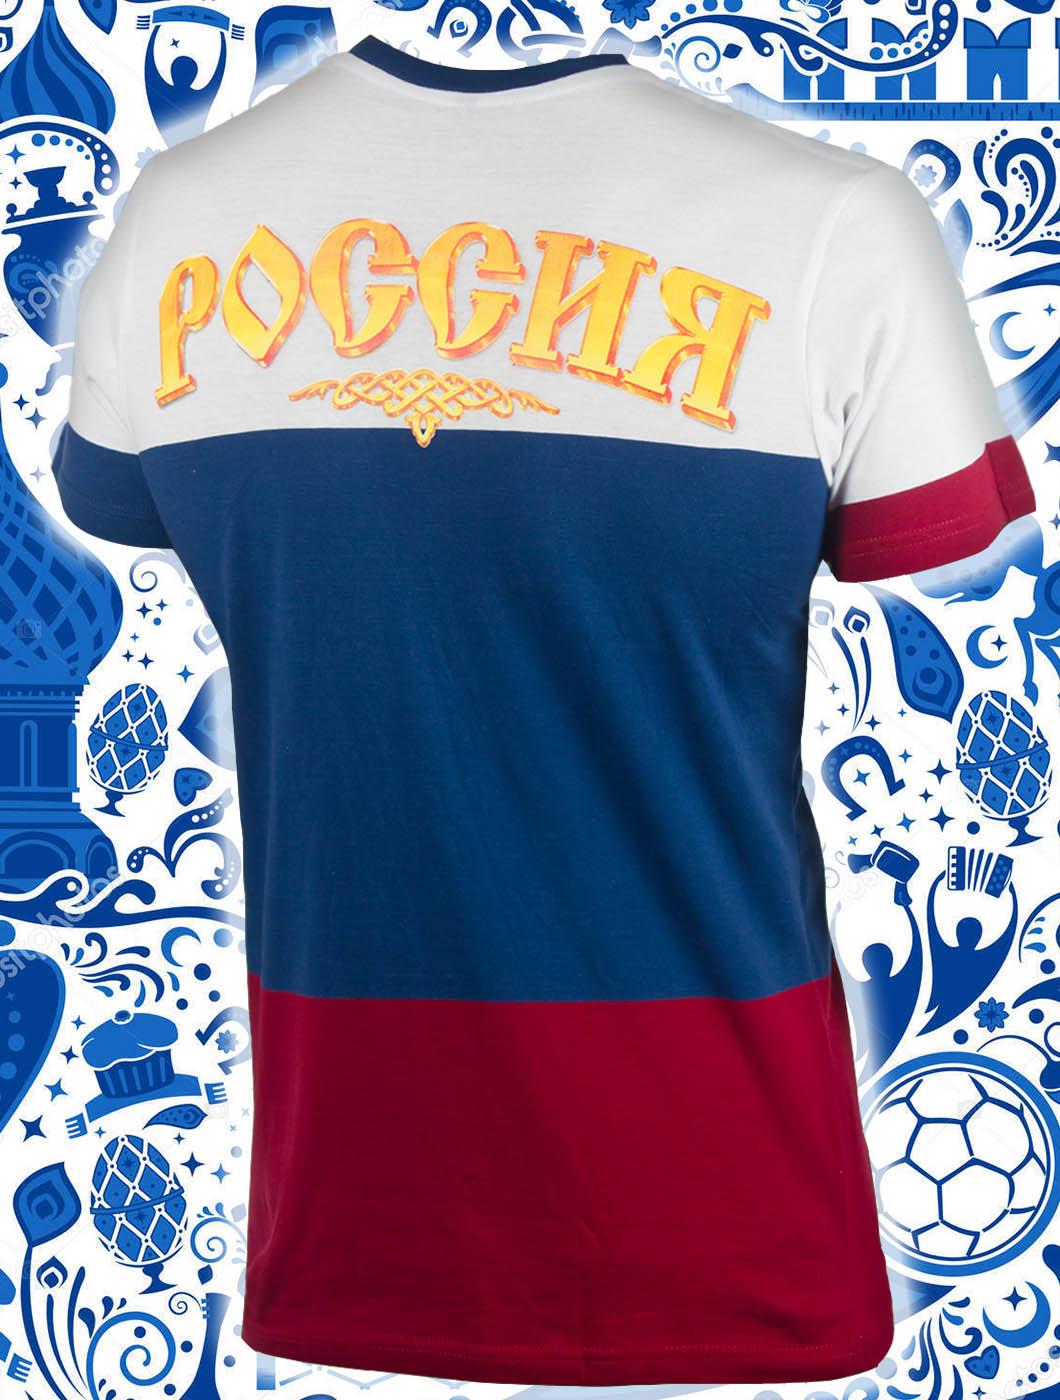 """Заказать футболку """"From Russia with love"""" лучший сувенир с России"""